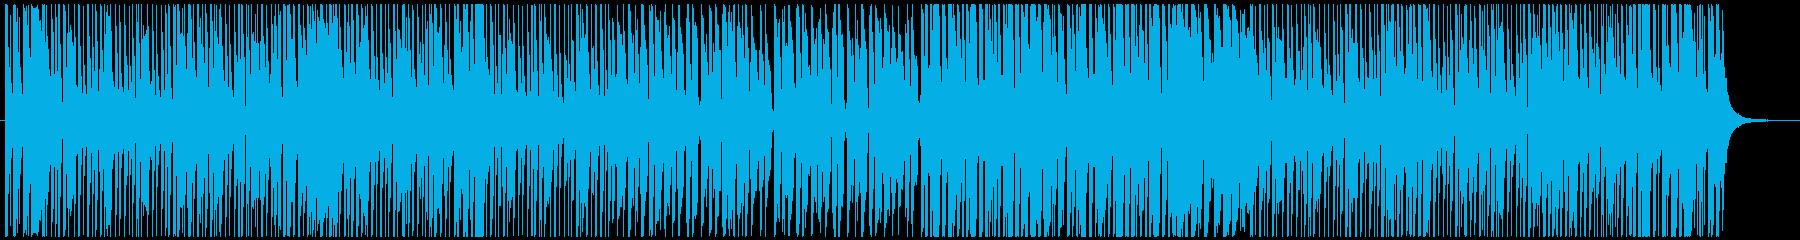 ウキウキ・ワクワク・楽しい・元気・可愛いの再生済みの波形